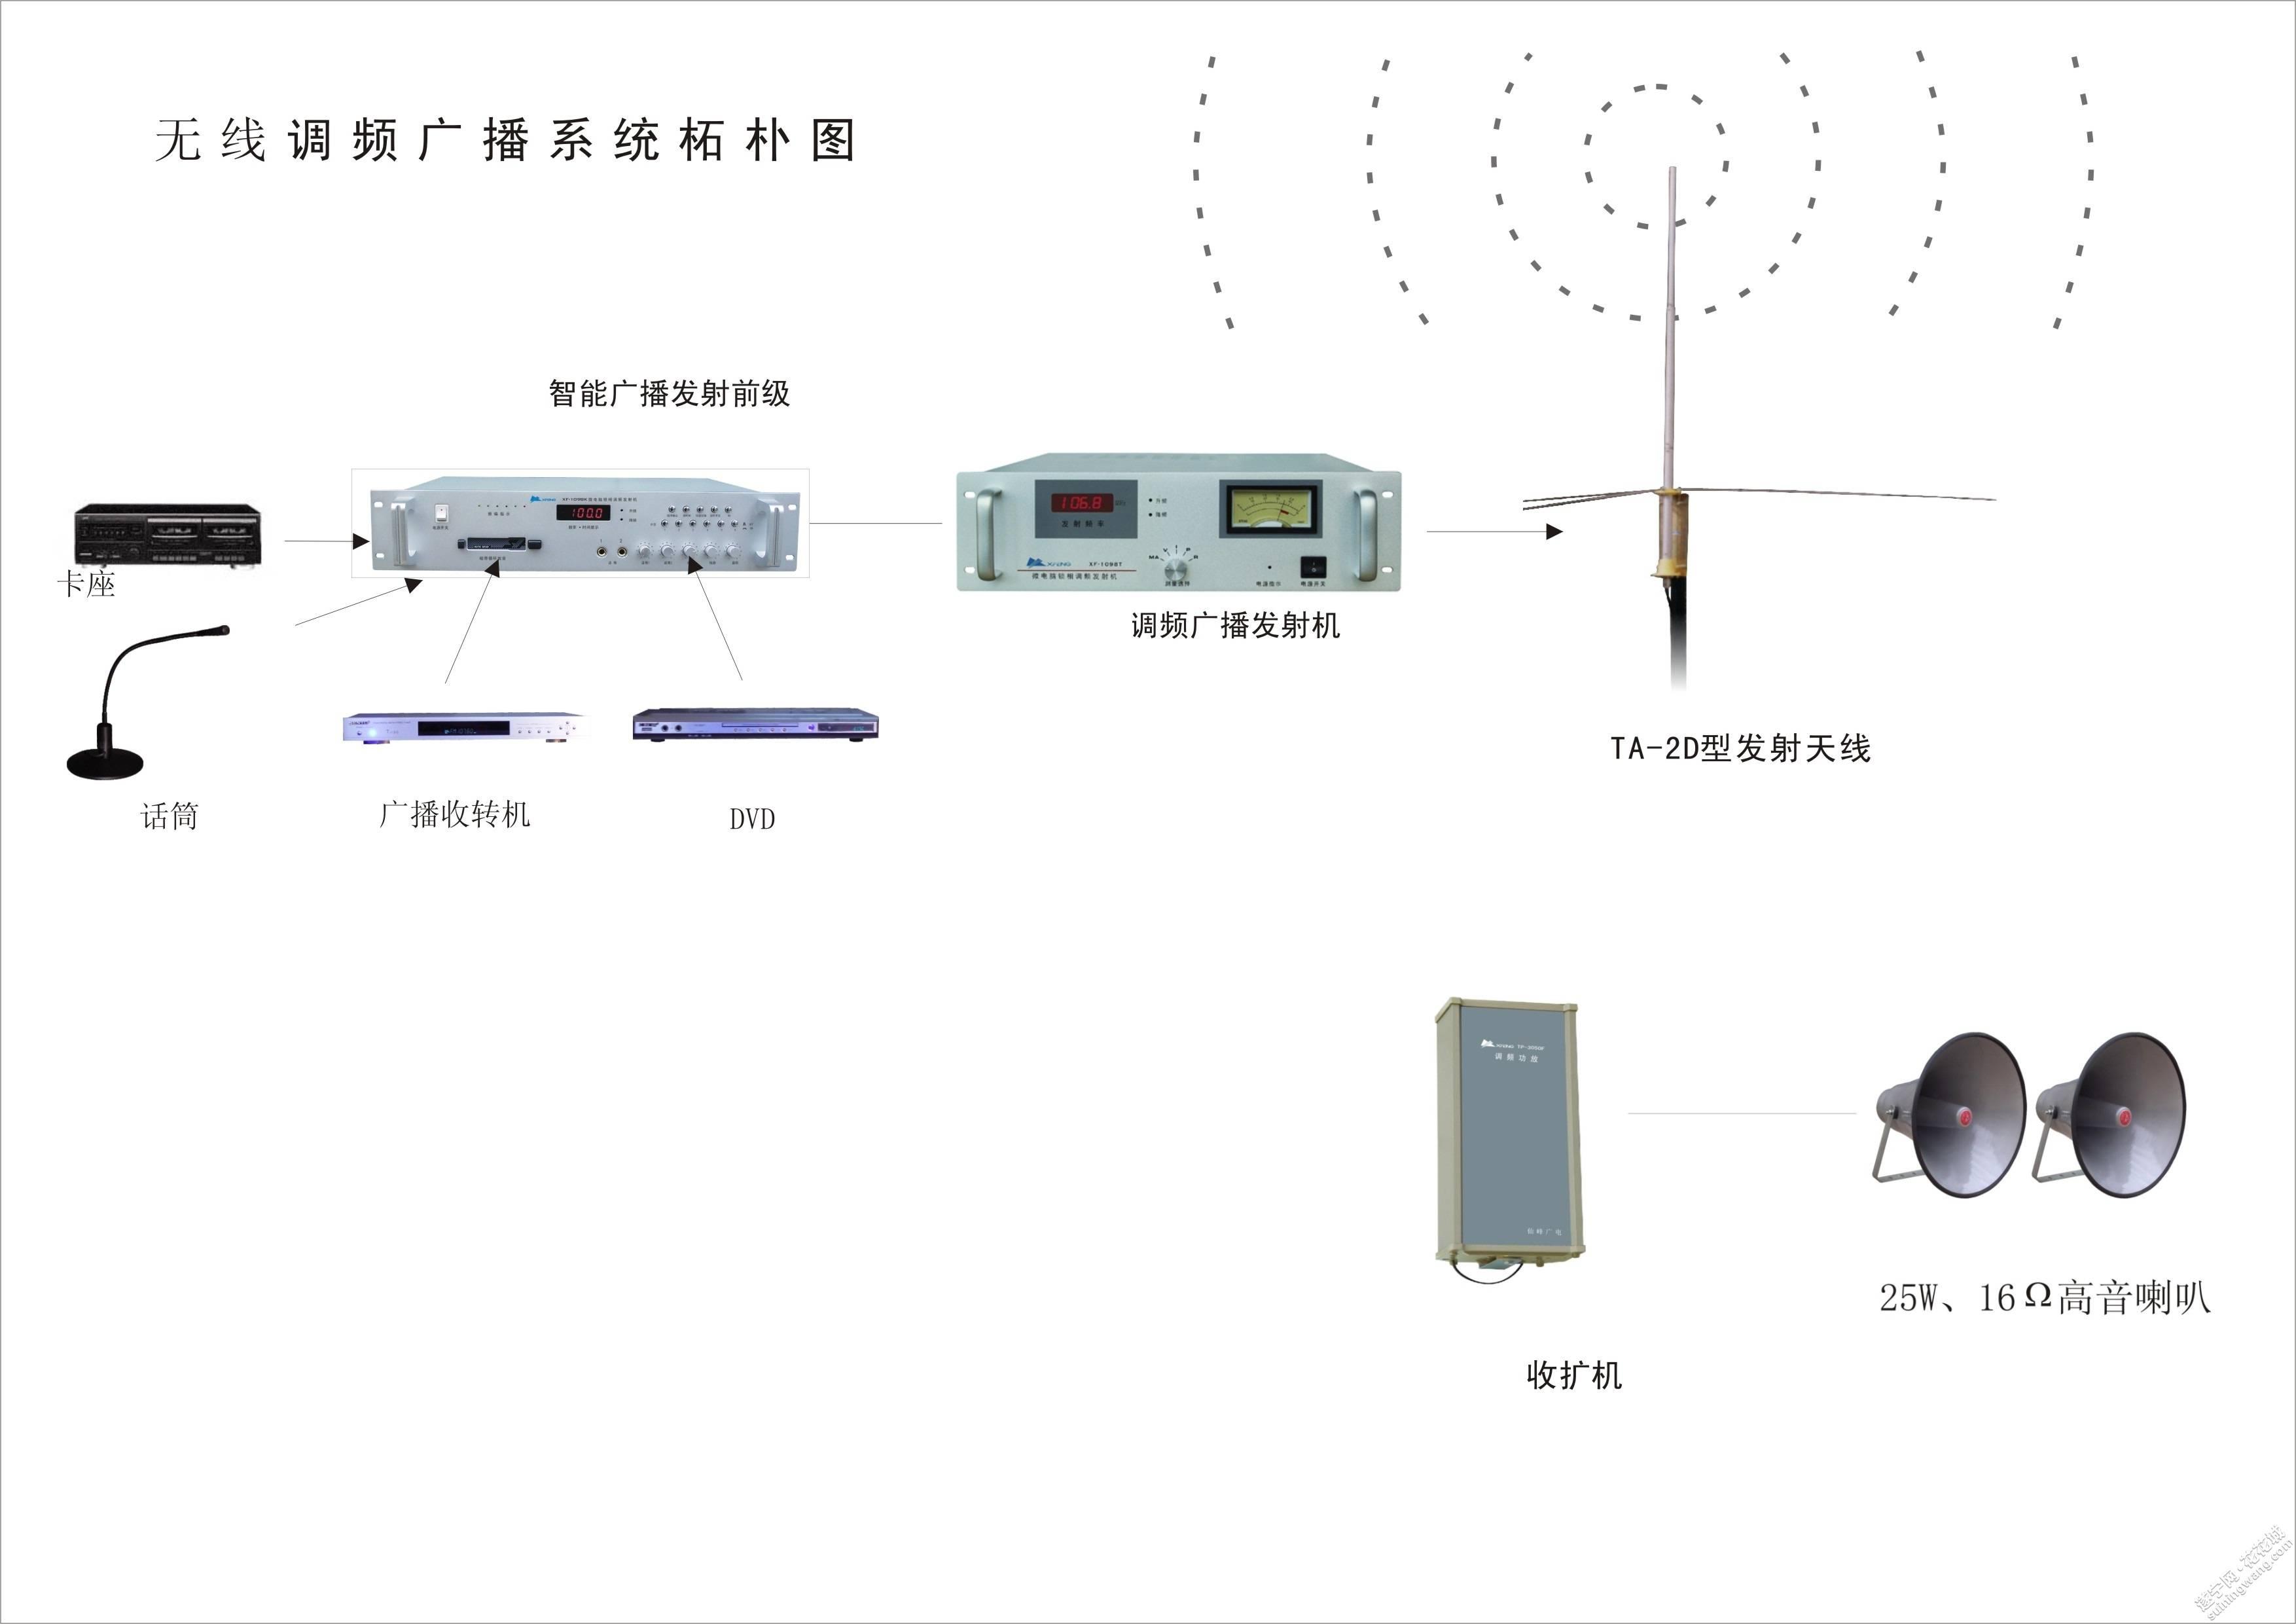 遂宁农村智能无线调频广播系统